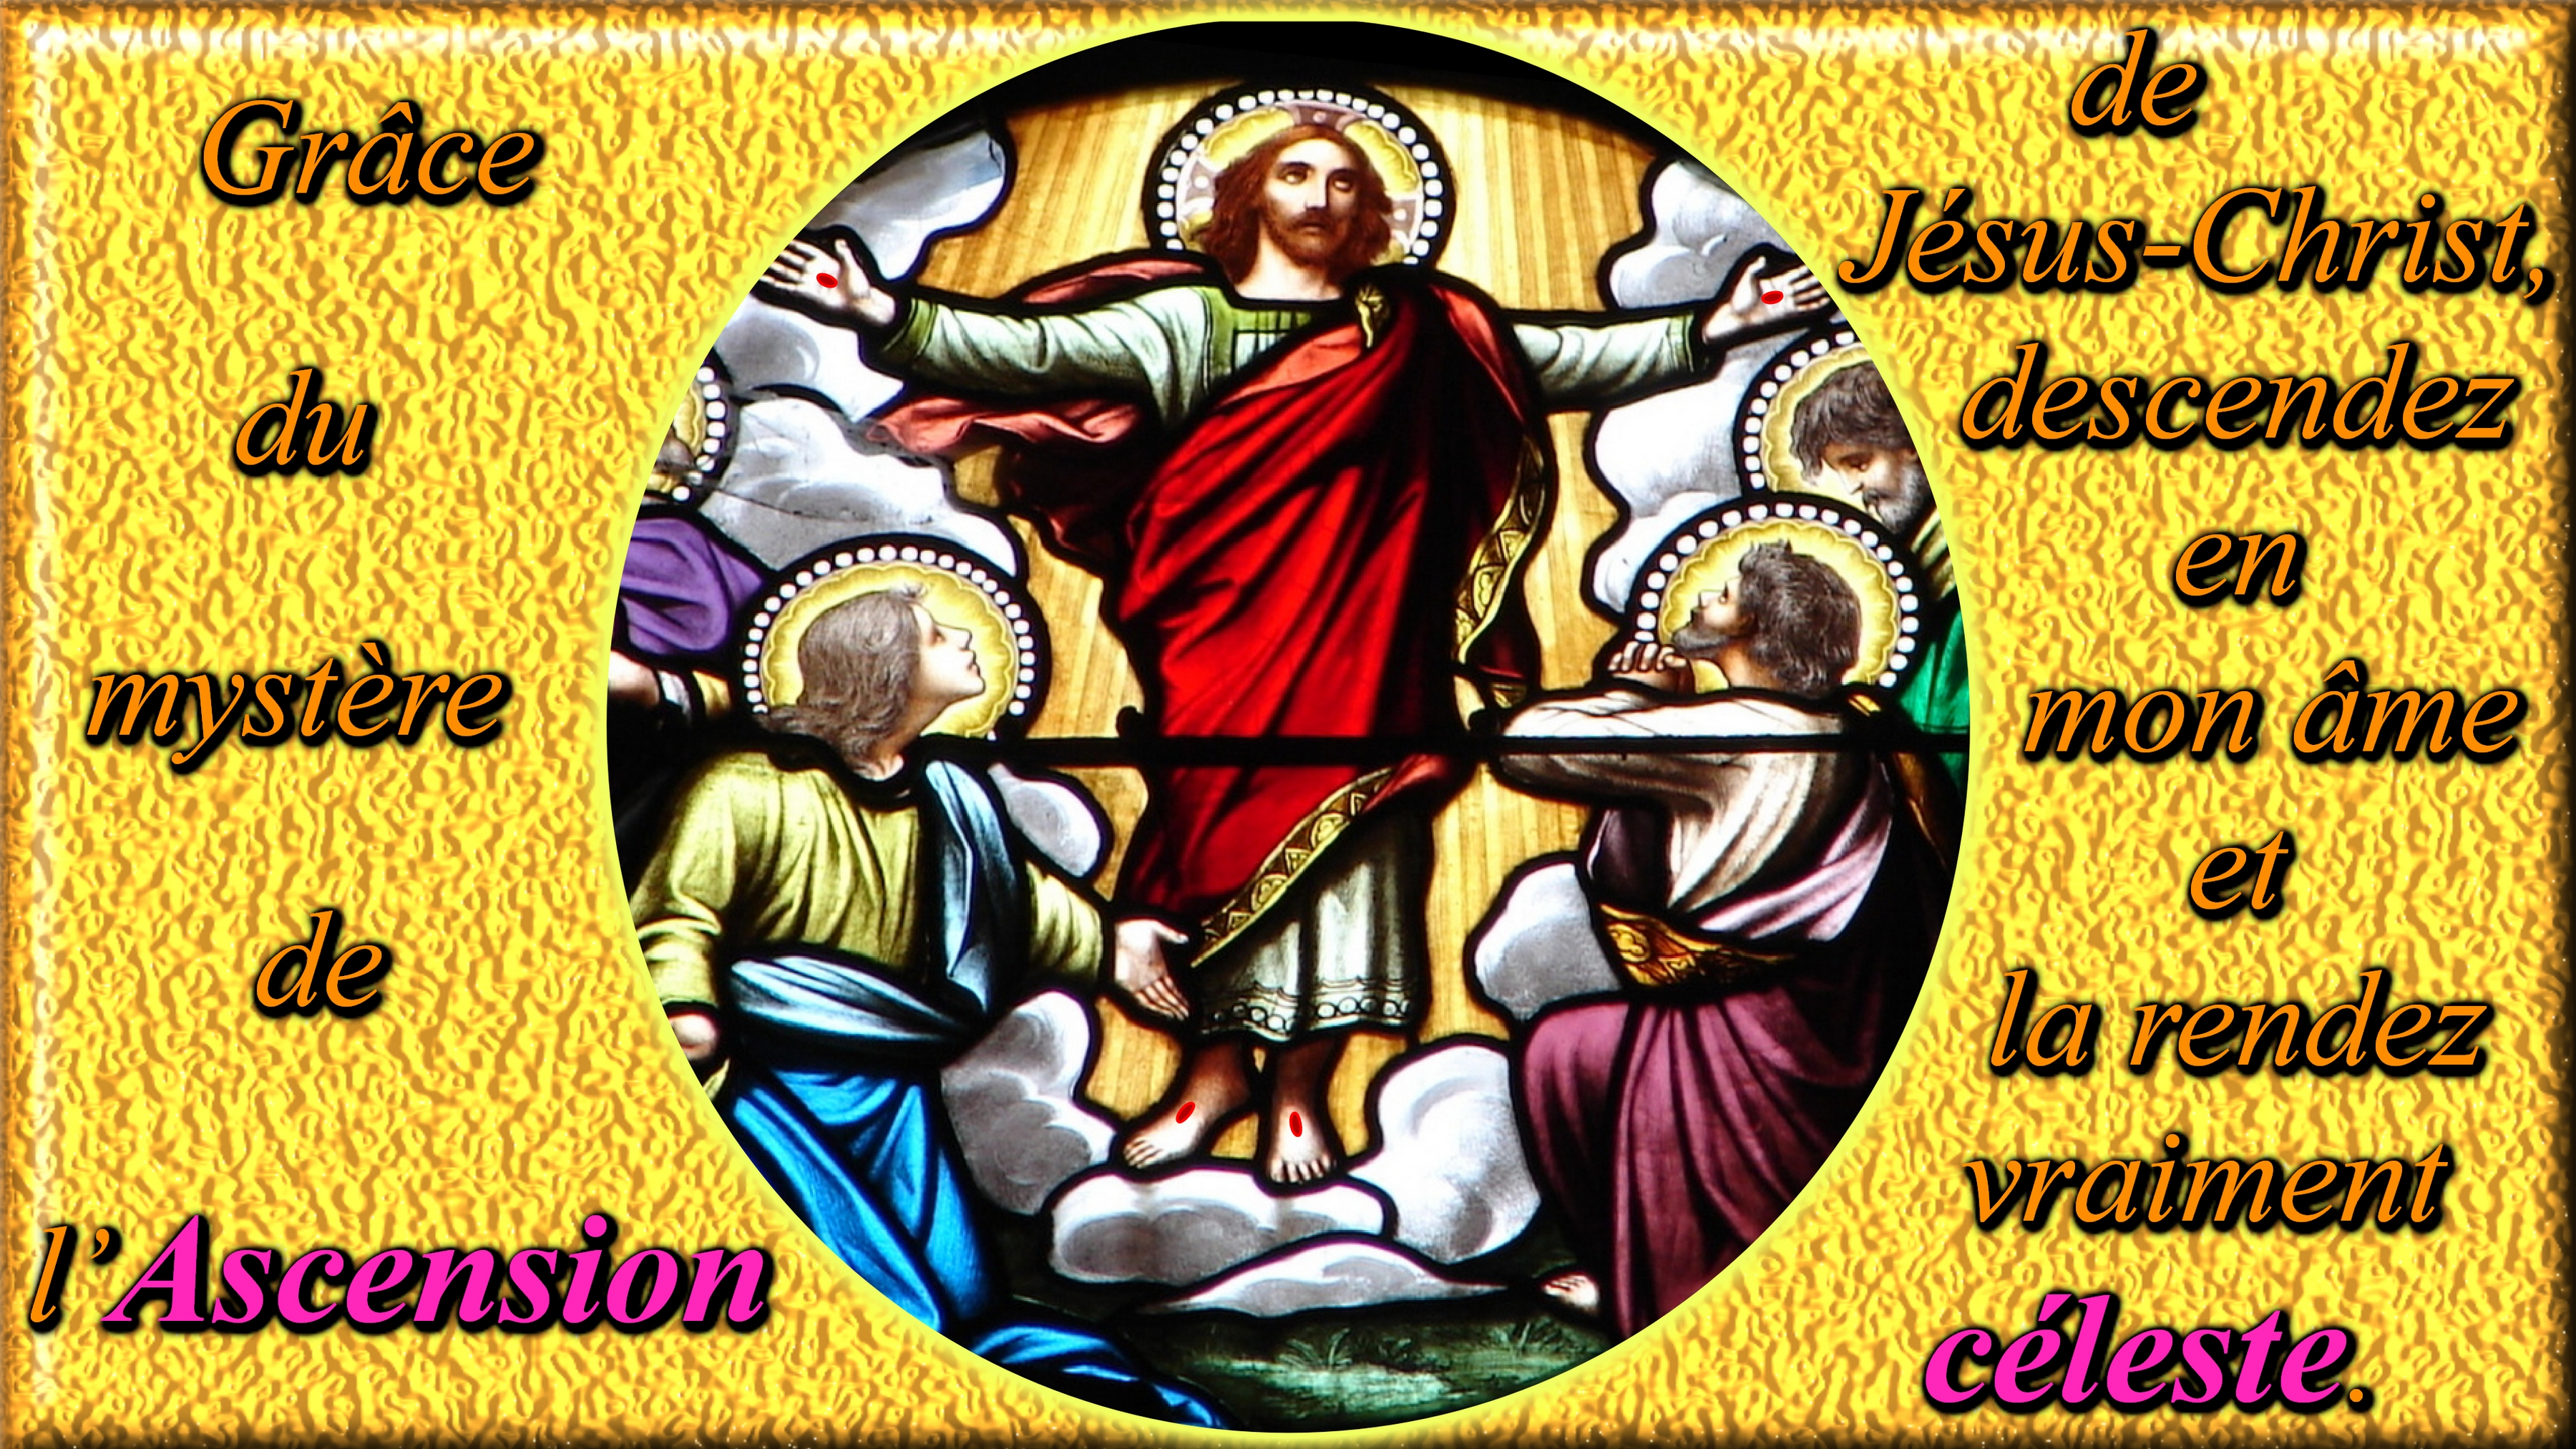 CALENDRIER CATHOLIQUE 2020 (Cantiques, Prières & Images) - Page 15 Les-15-myst-res-d...scension-555db5b